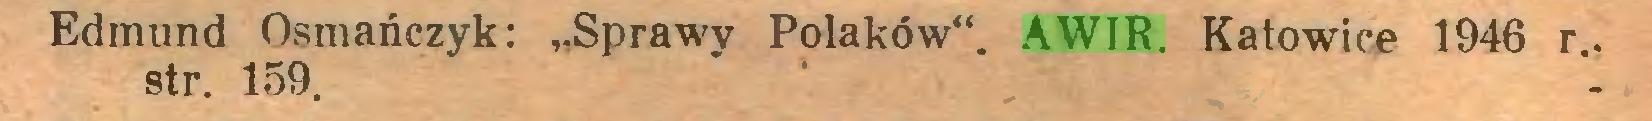 """(...) Edmund Osmańczyk: """"Sprawy Polaków"""". AWIR. Katowice 1946 r., str. 159..."""